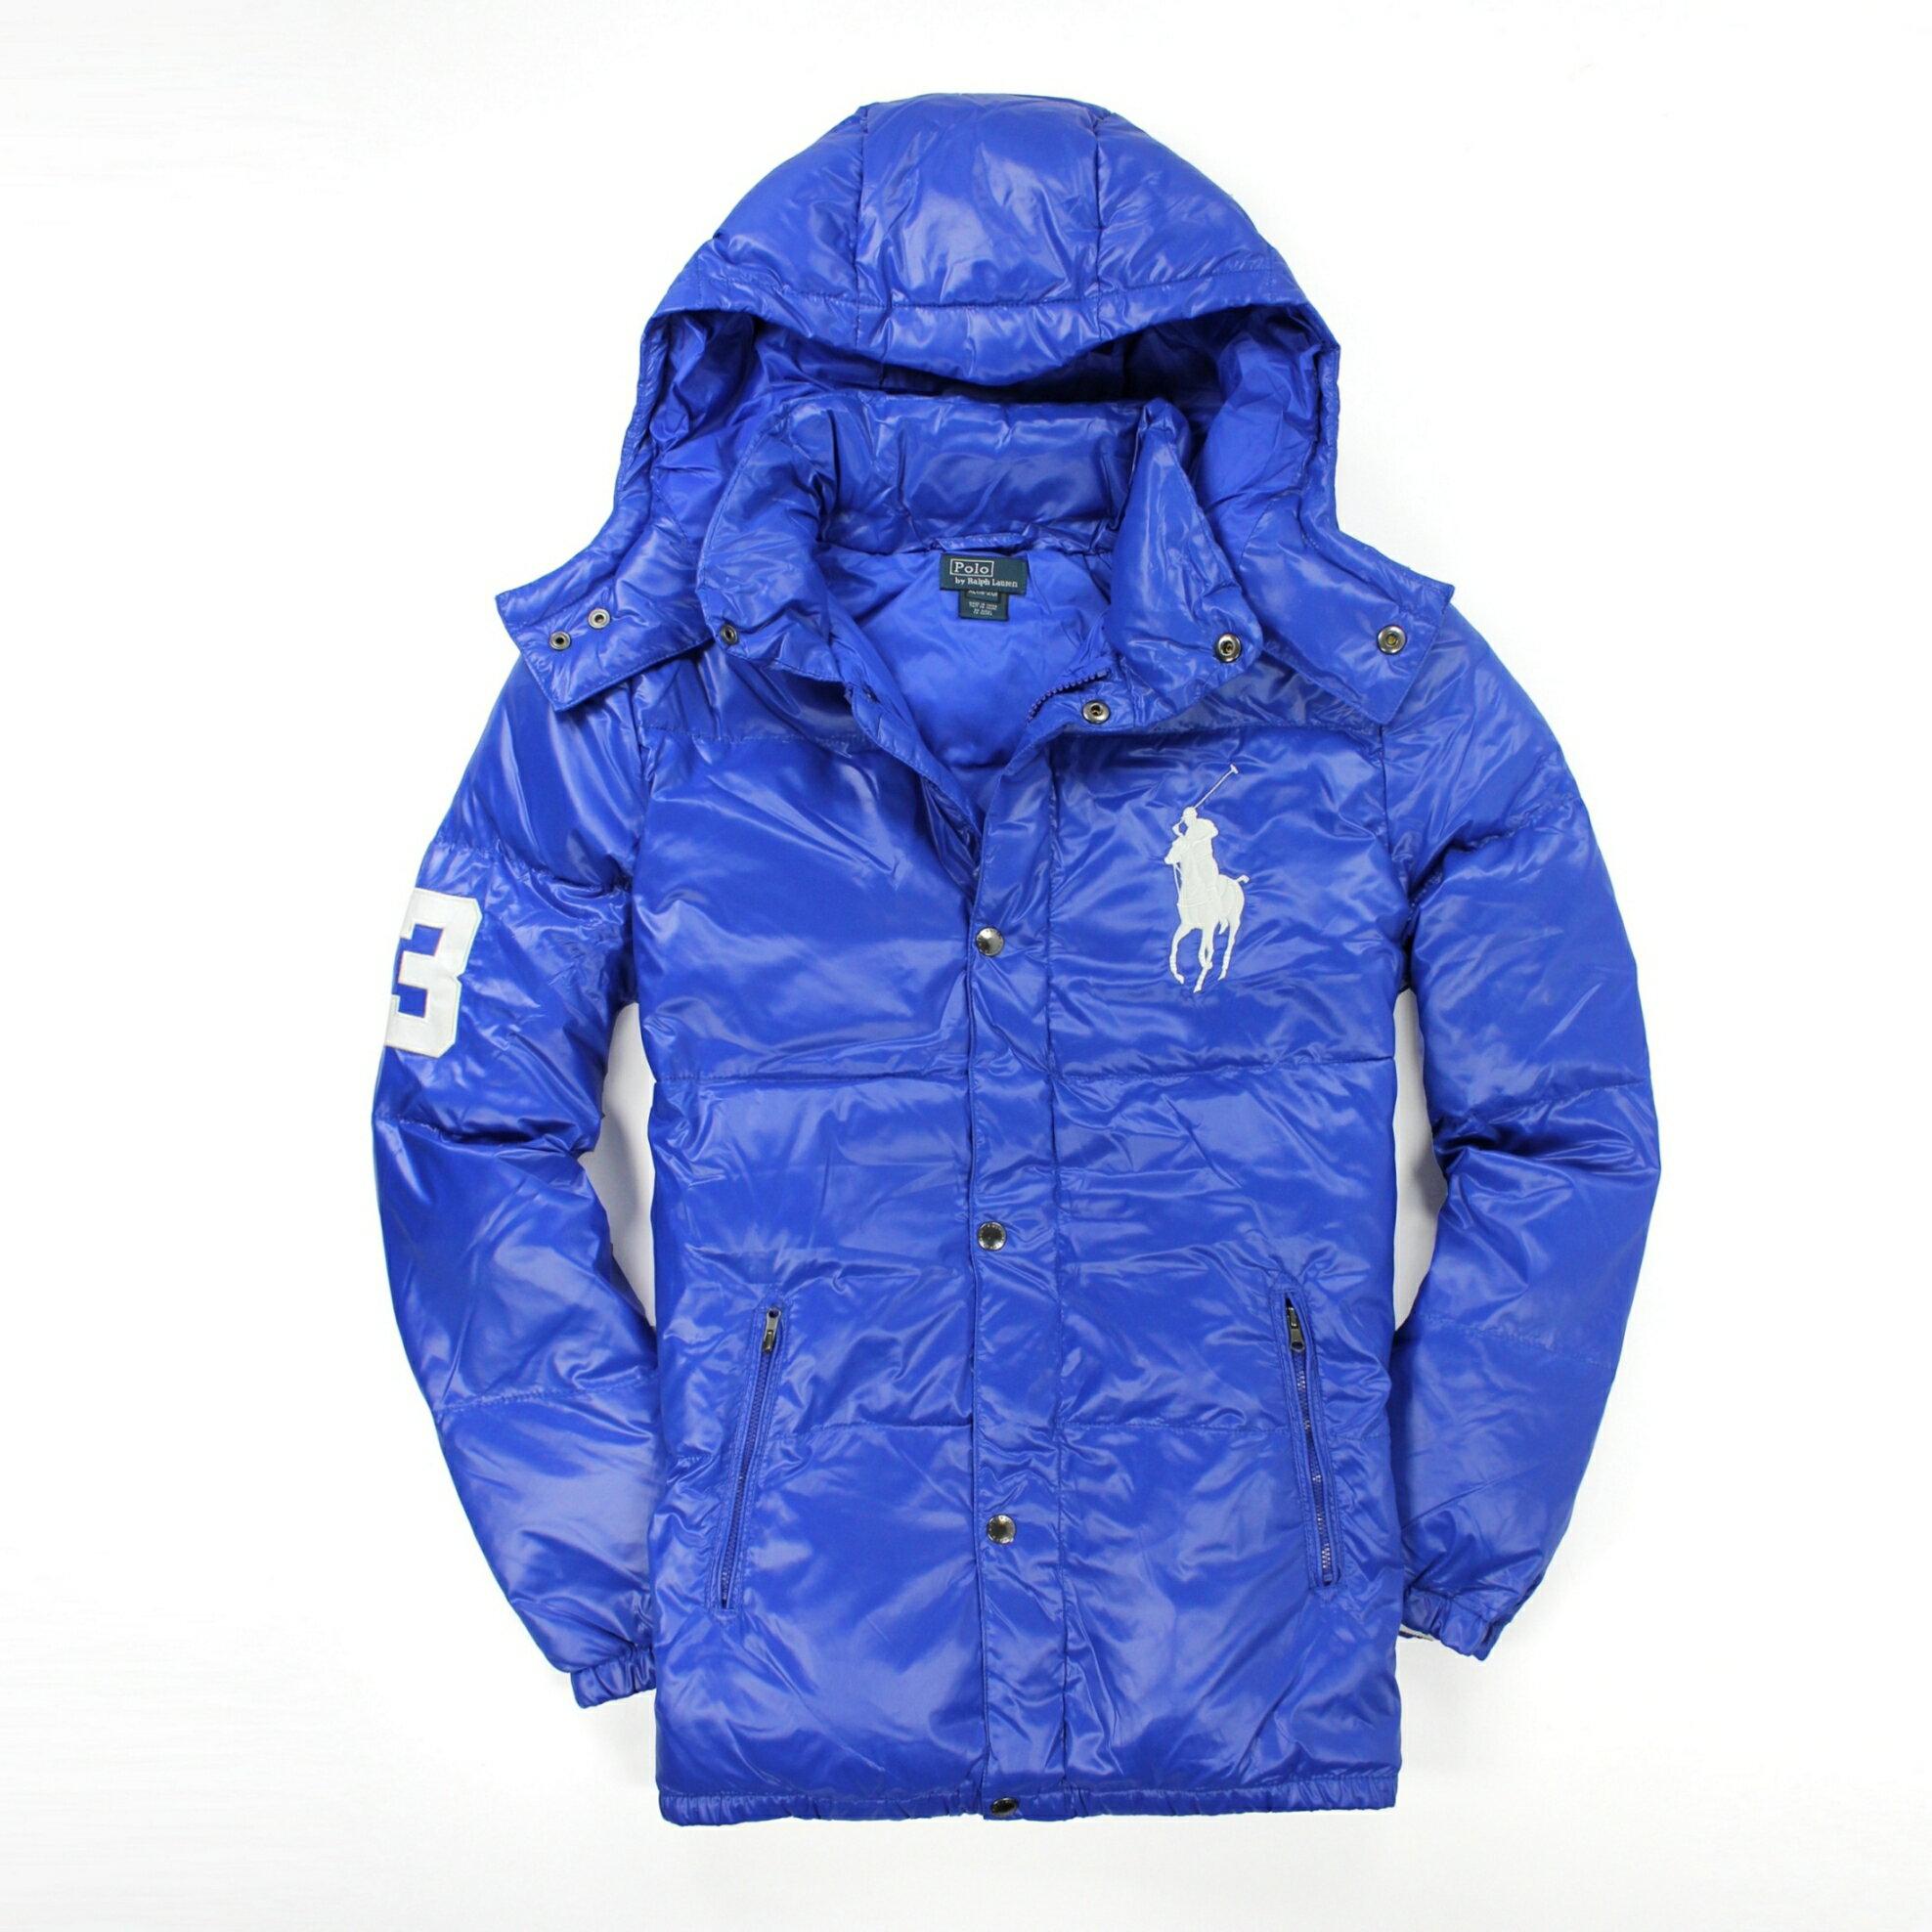 美國百分百【全新真品】Ralph Lauren 外套 RL 連帽外套 夾克 羽絨外套 Polo 大馬 輕巧 寶藍 S E028